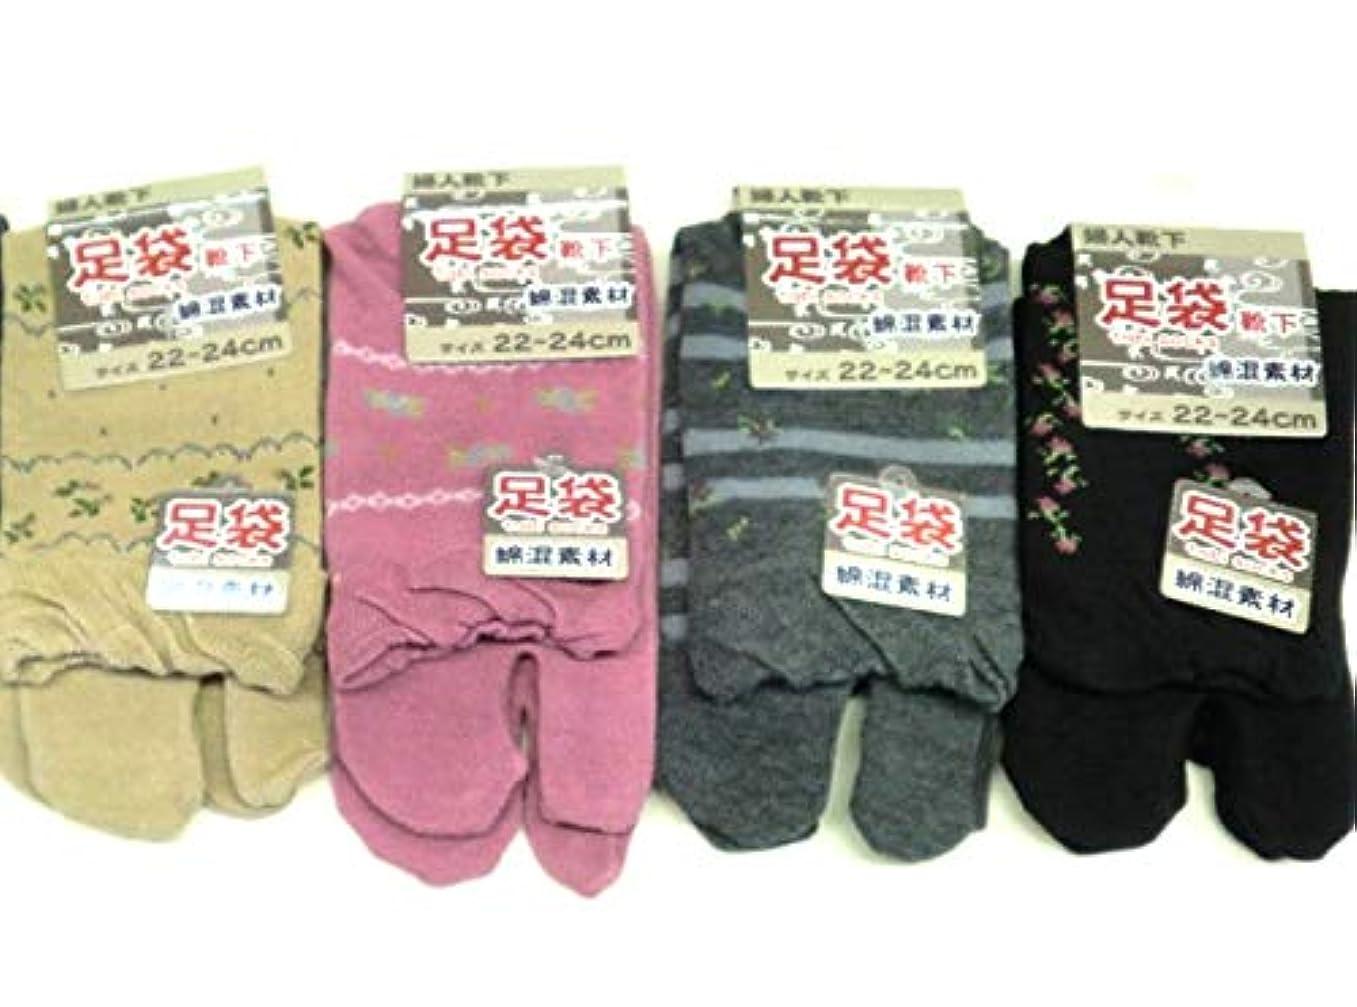 無臭素子起こりやすい足袋 ソックス 女性 かわいい柄 綿混 かかと付 口ゴムゆったり 22-24cm 4足セット(柄はお任せ)